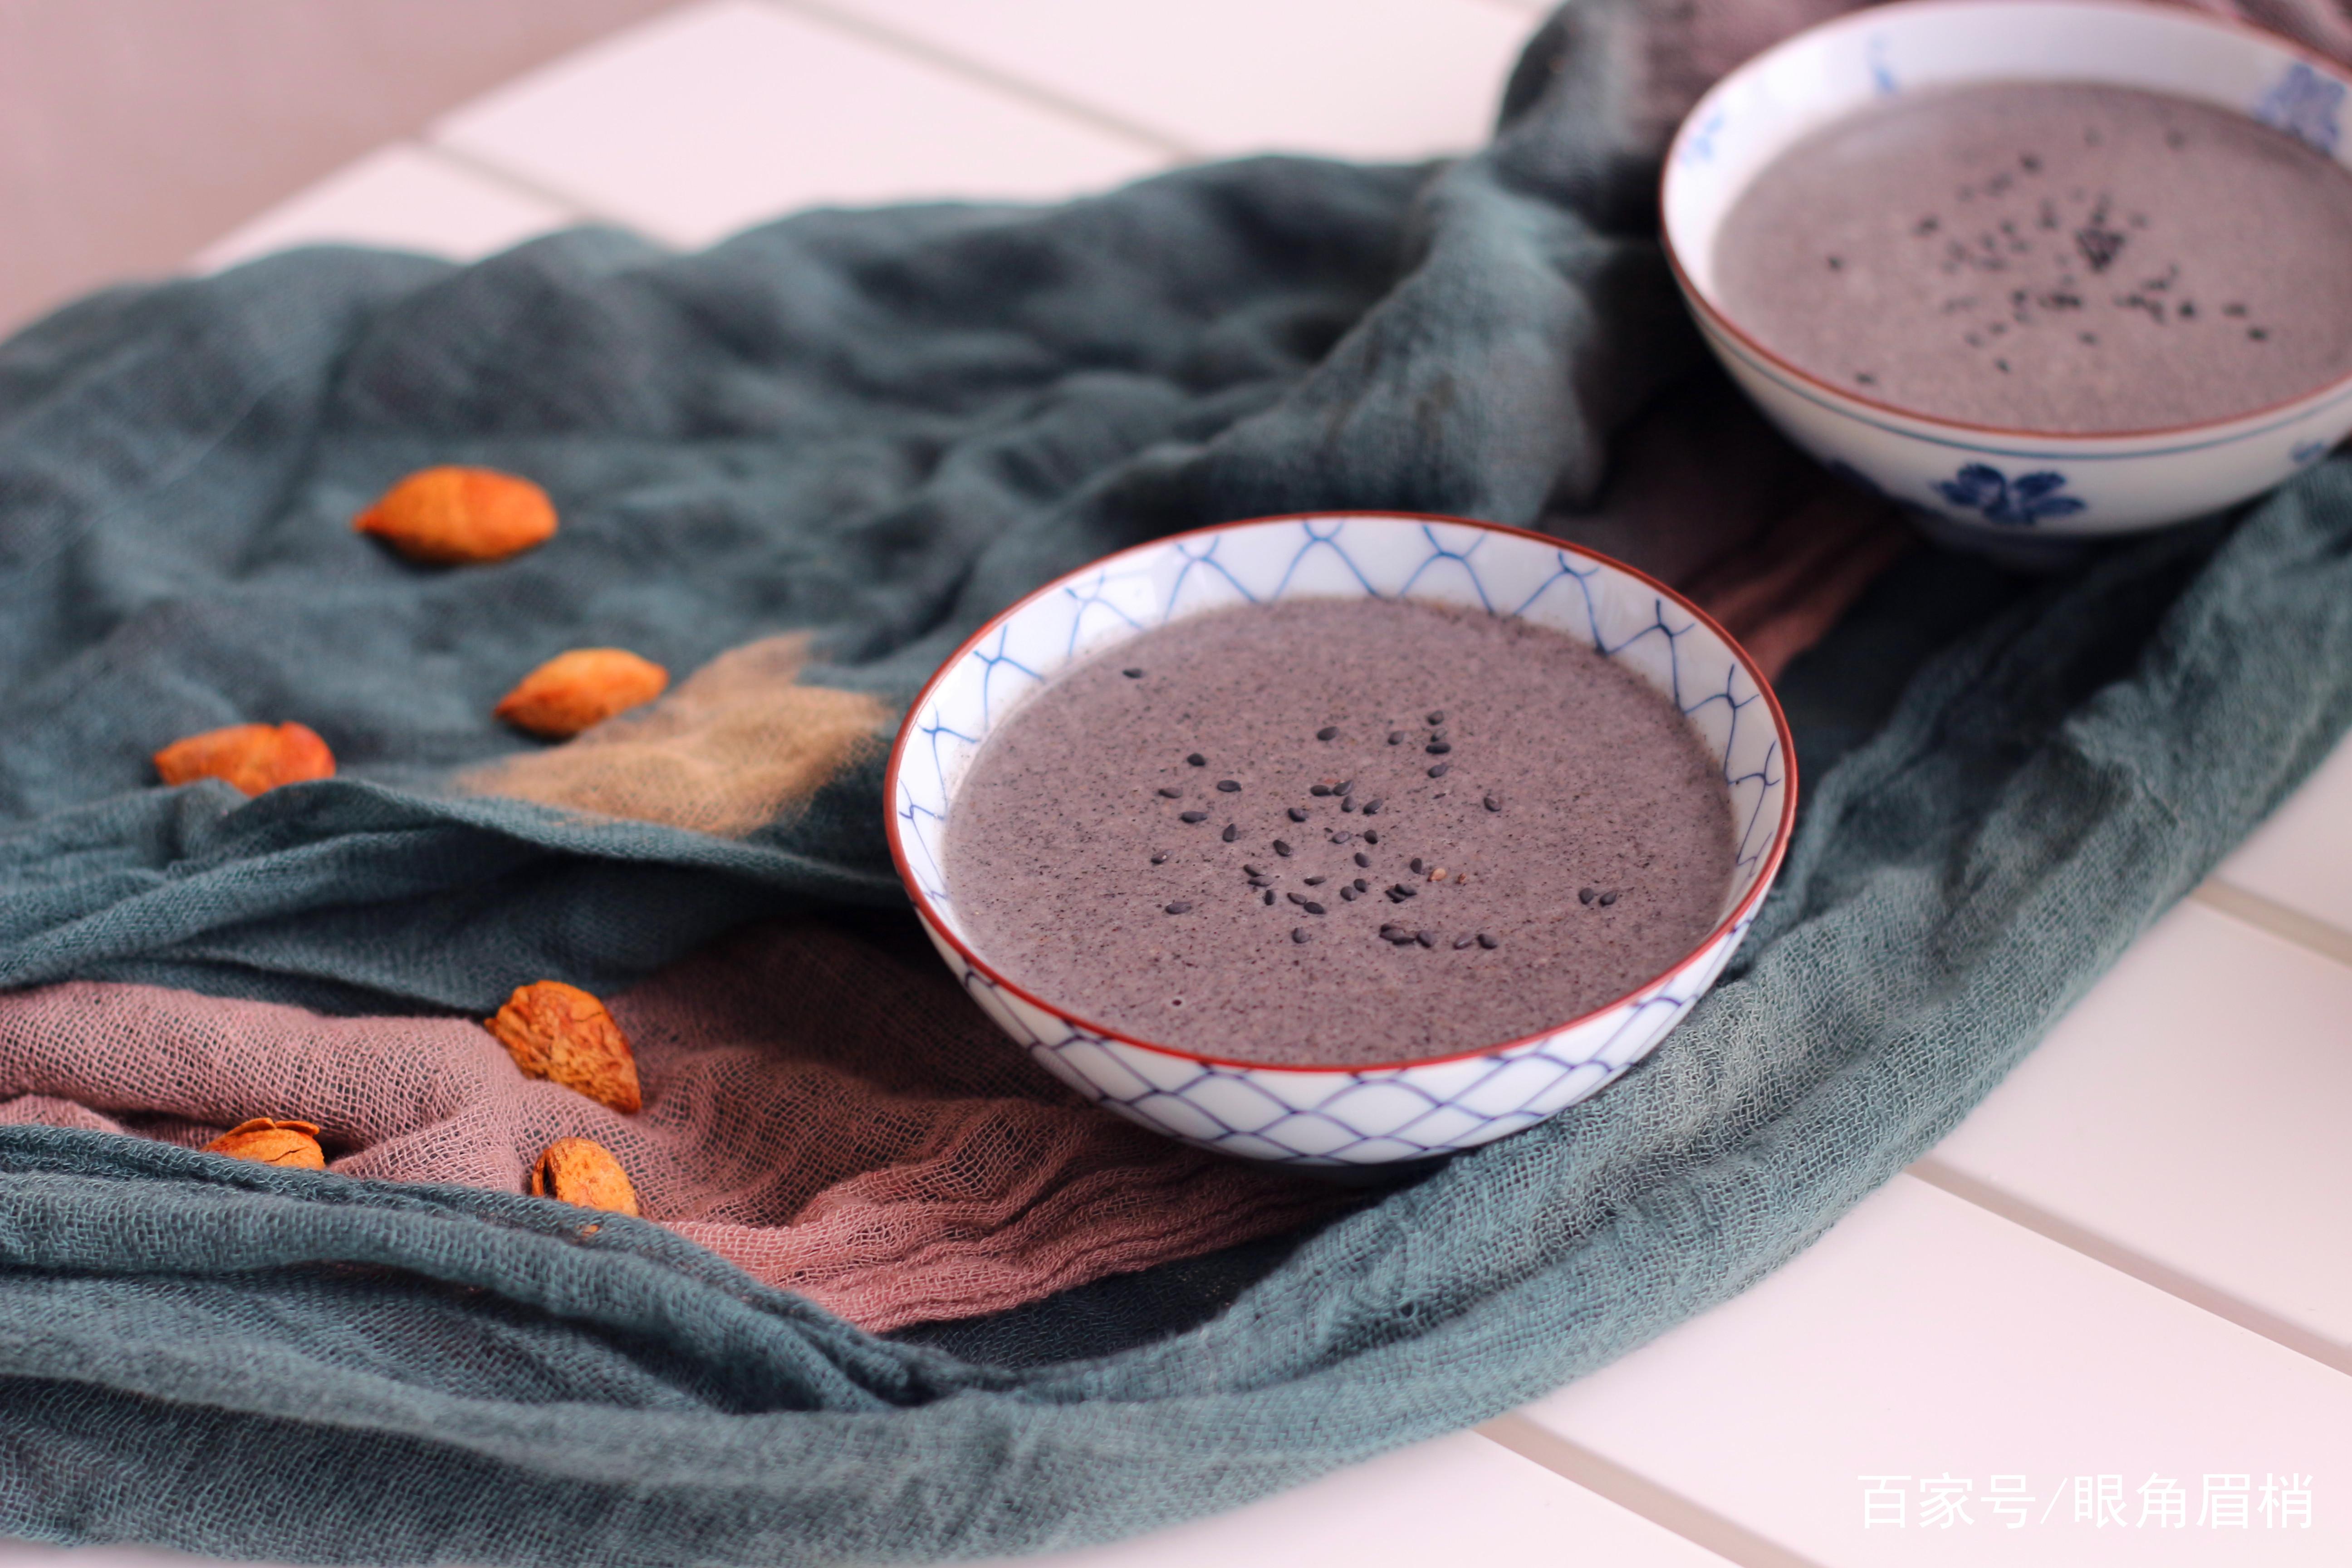 今天早晨喝的是黑芝麻糊.我家每周有三天早晨喝这个,孩子喝不够.酸奶与葡萄图片